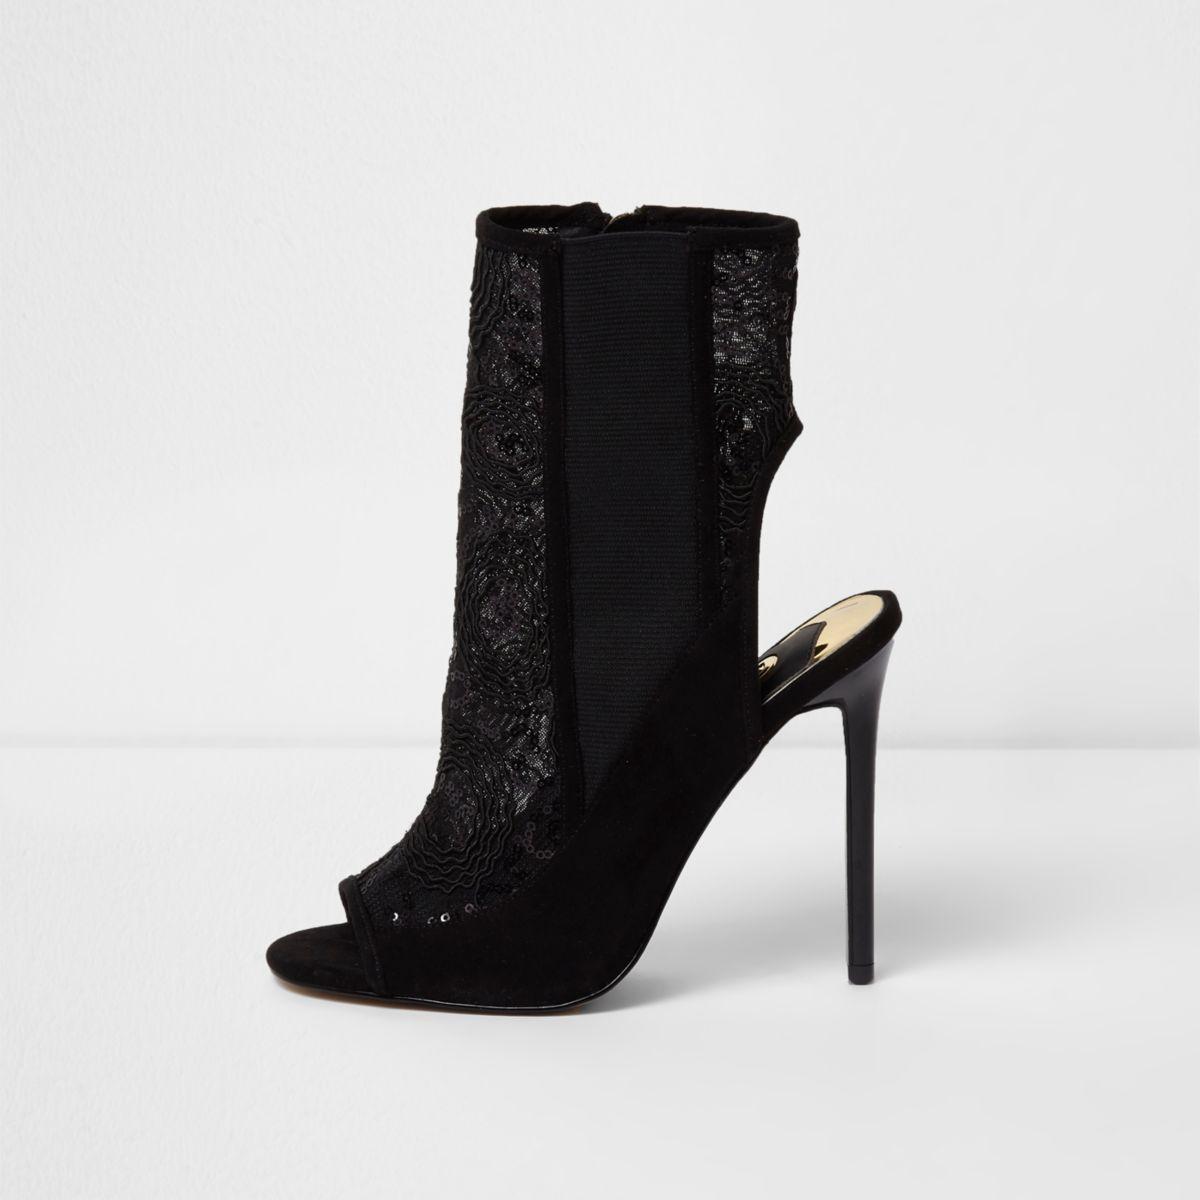 Schwarze, paillettenverzierte Stiletto-Stiefel